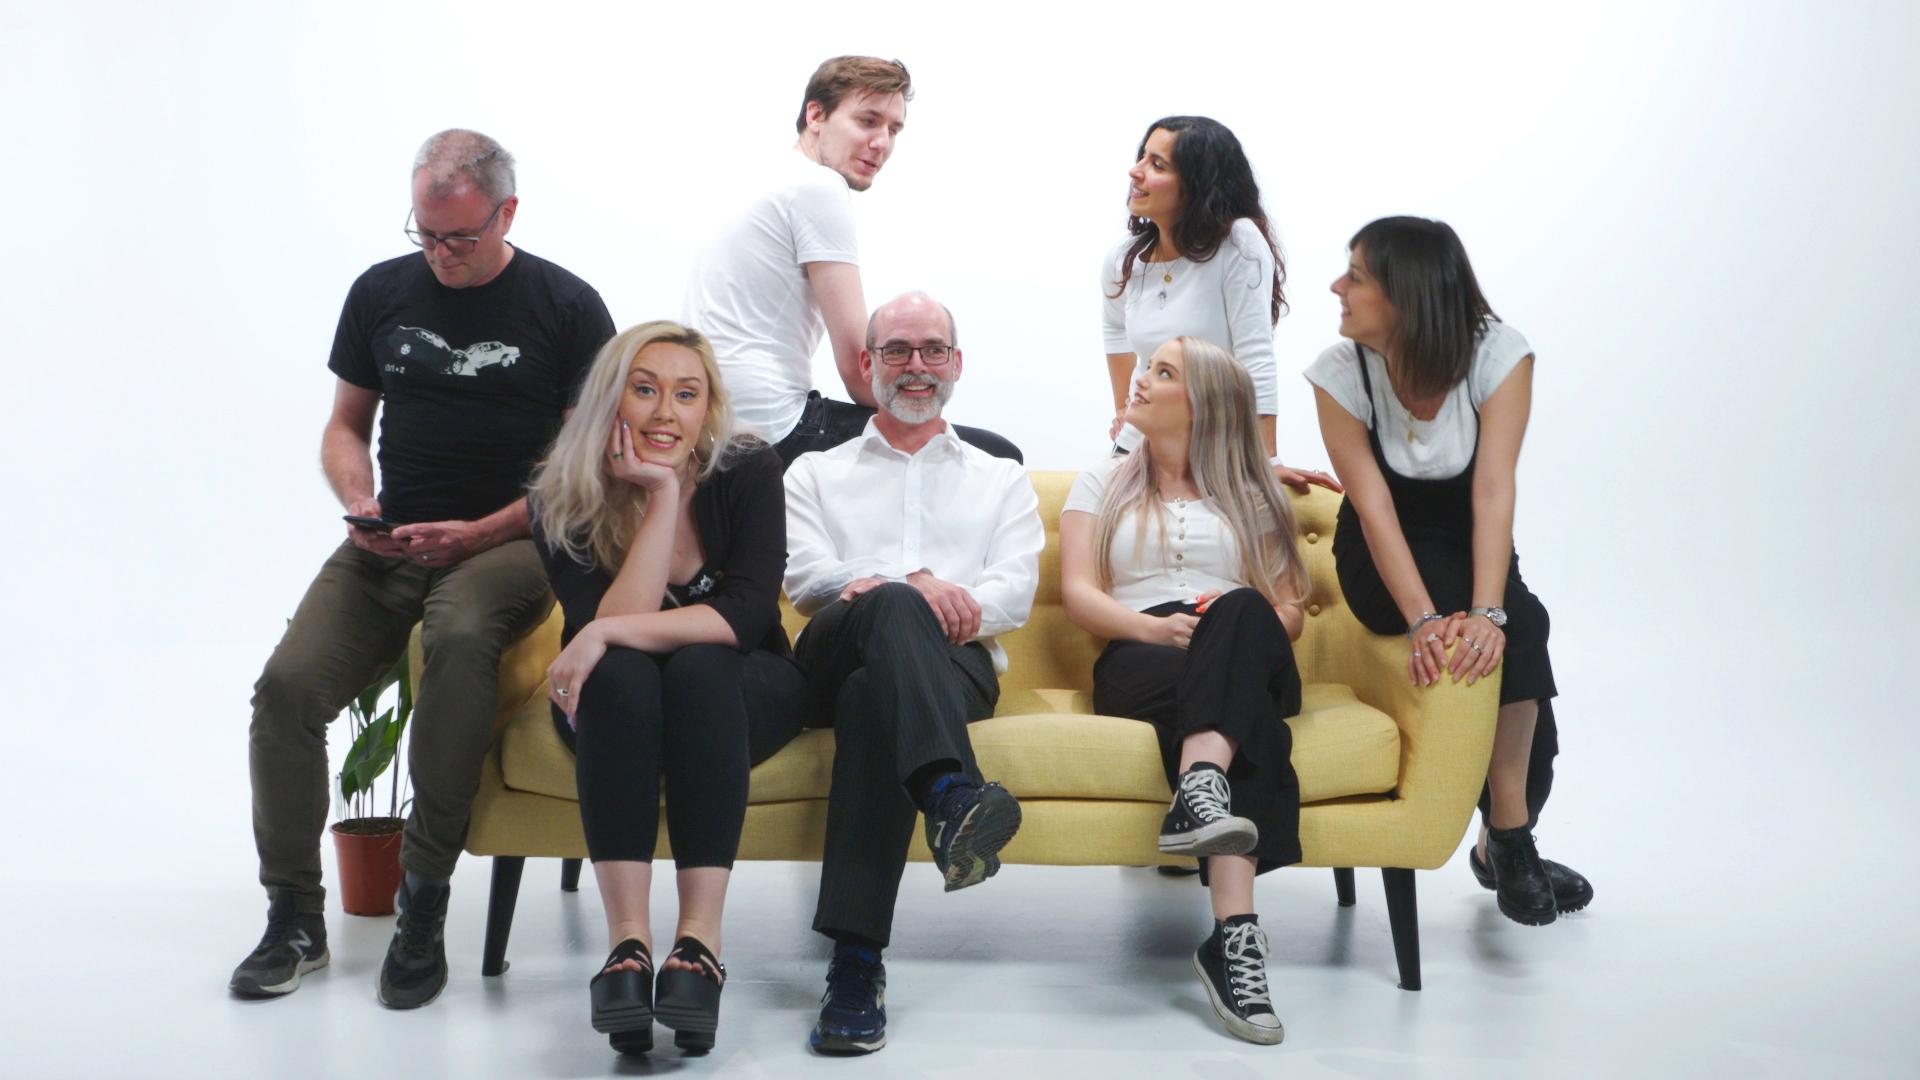 FW Studios team